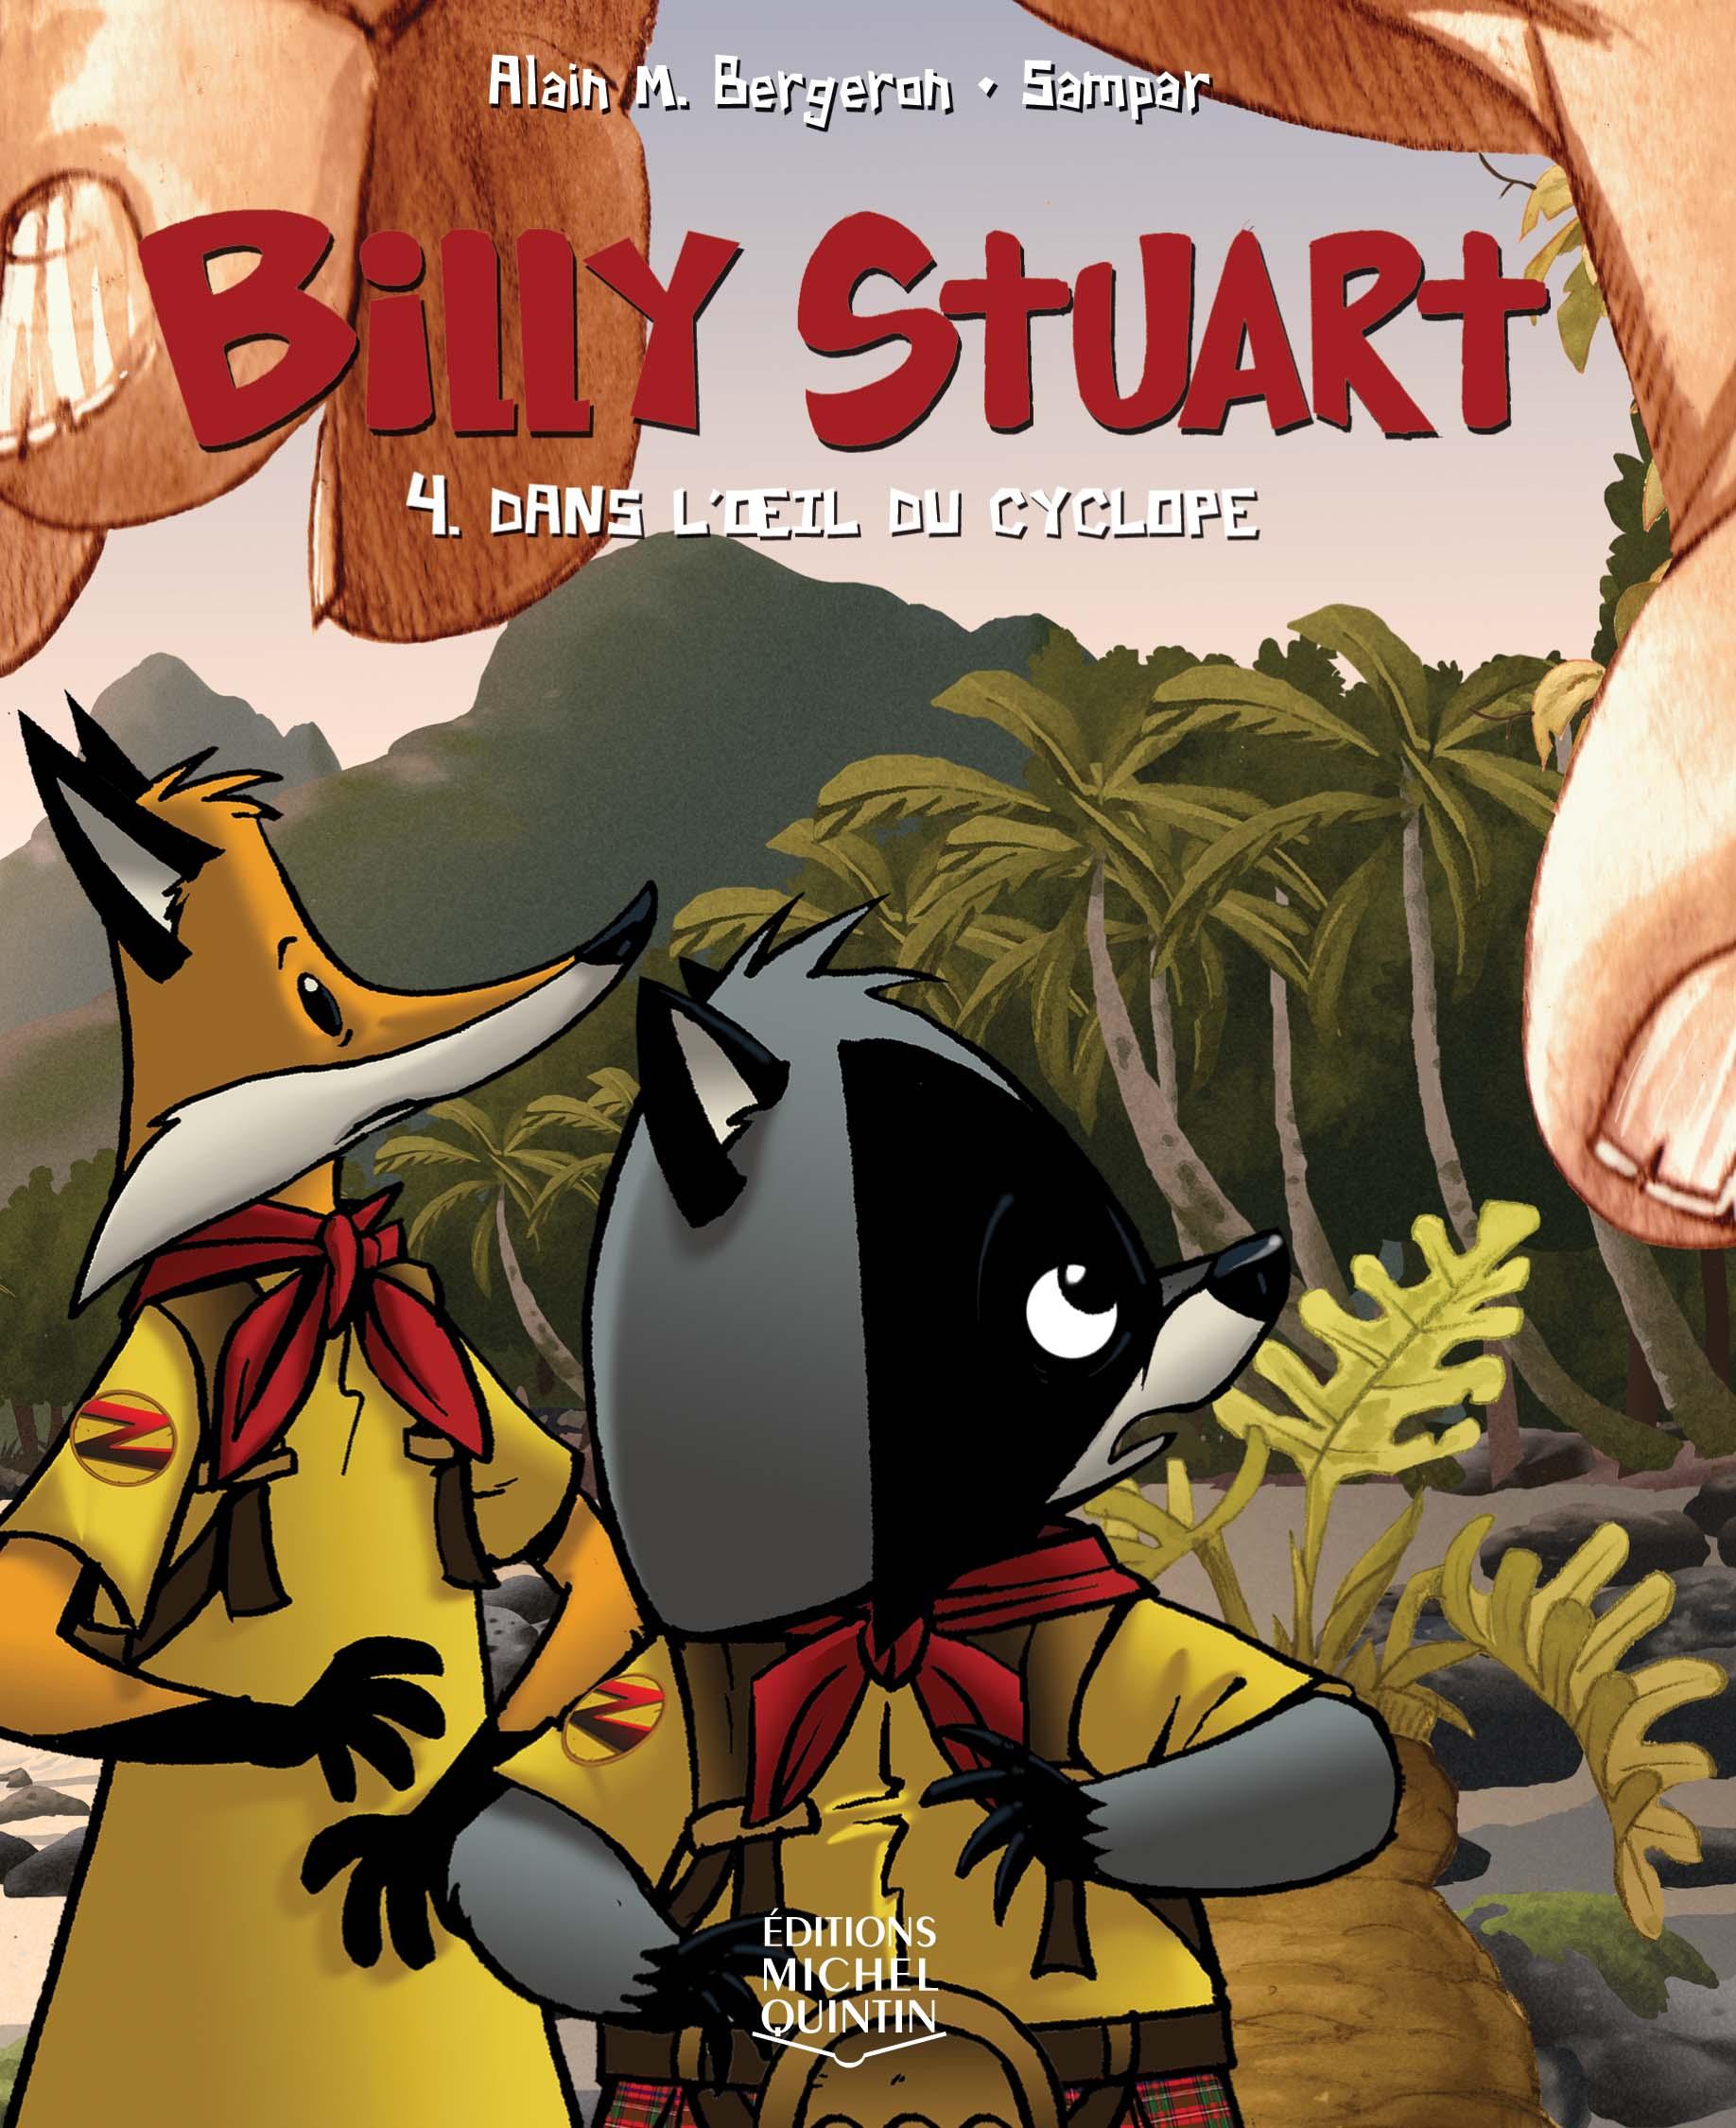 Couverture : Billy Stuart T.4 : Dans l'oeil du cyclope Alain M. Bergeron,  Sampar